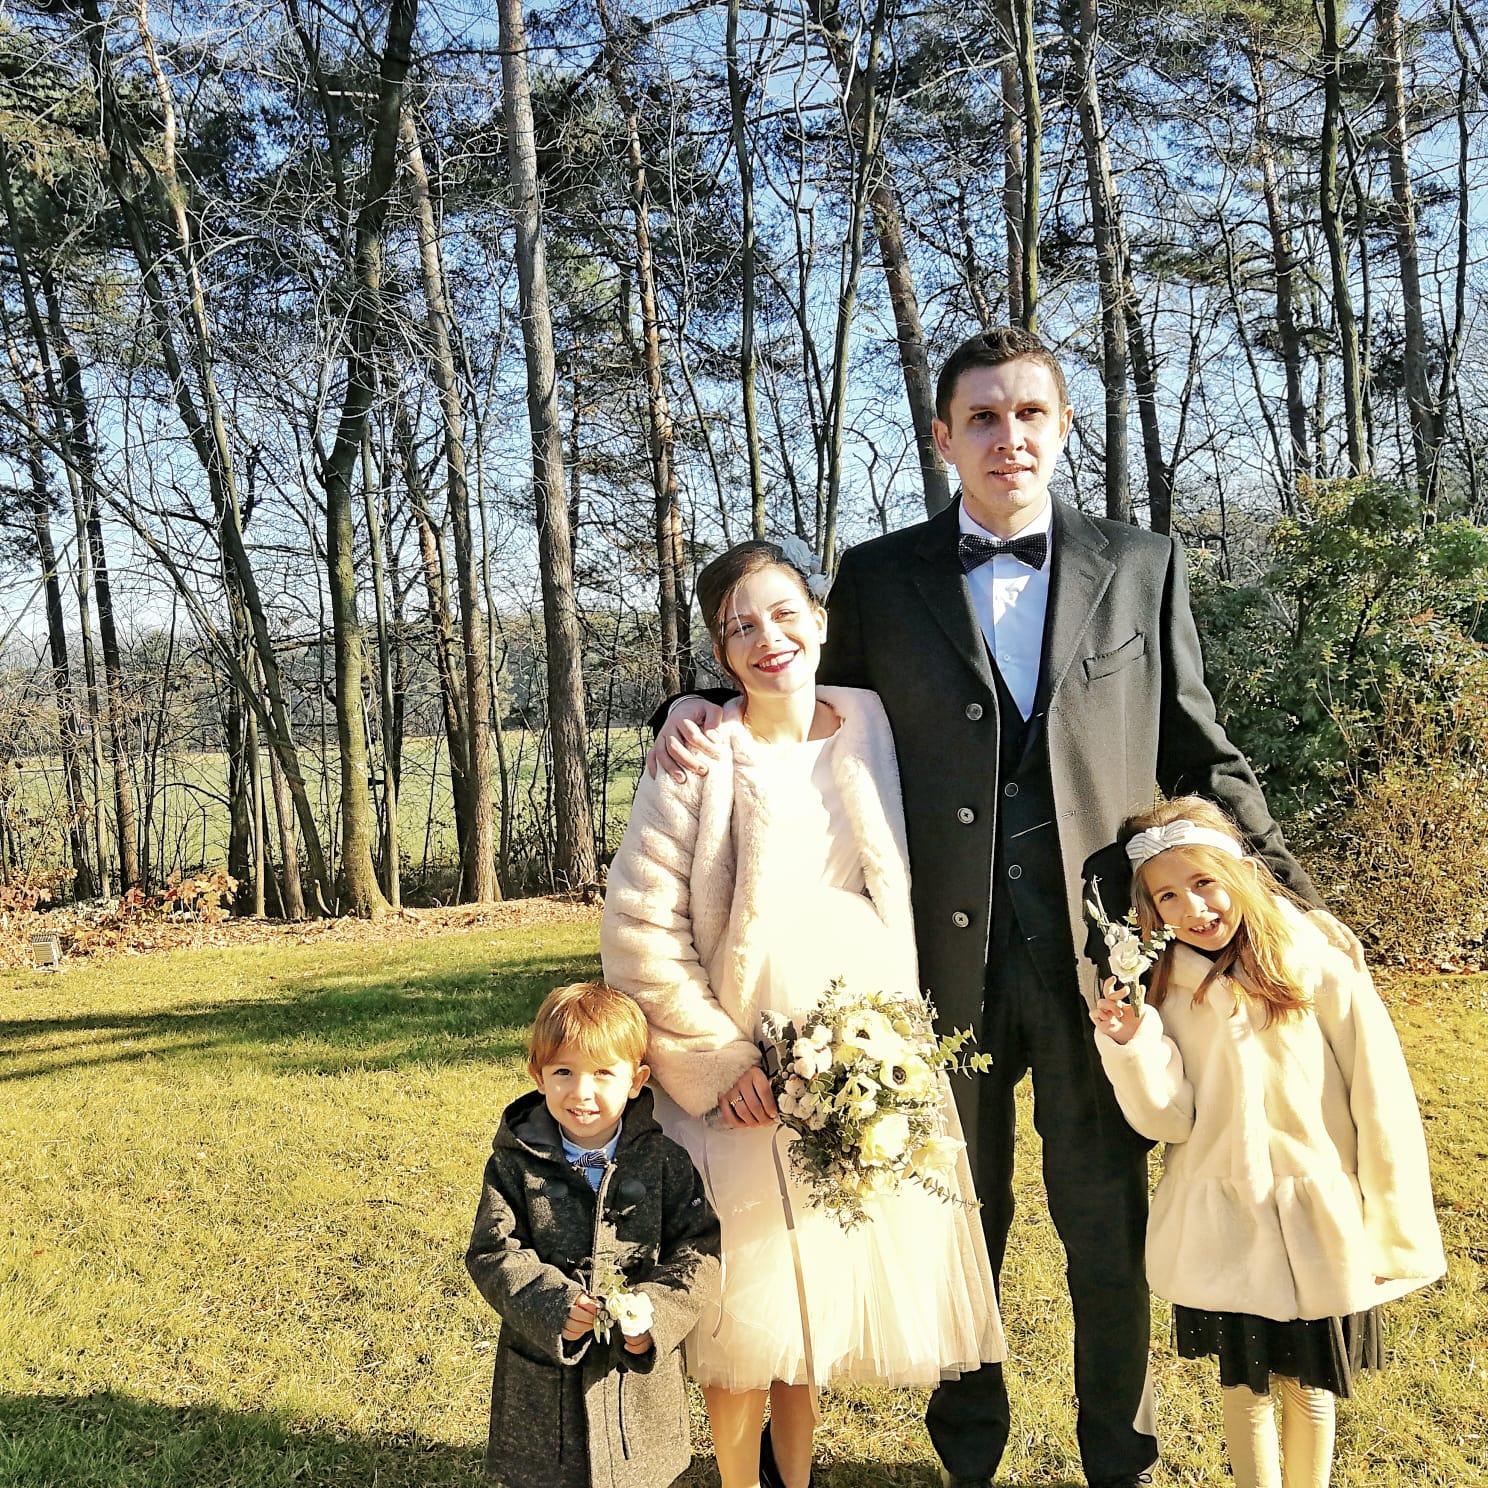 L'abito da sposa per un piccolo matrimonio con il pancione